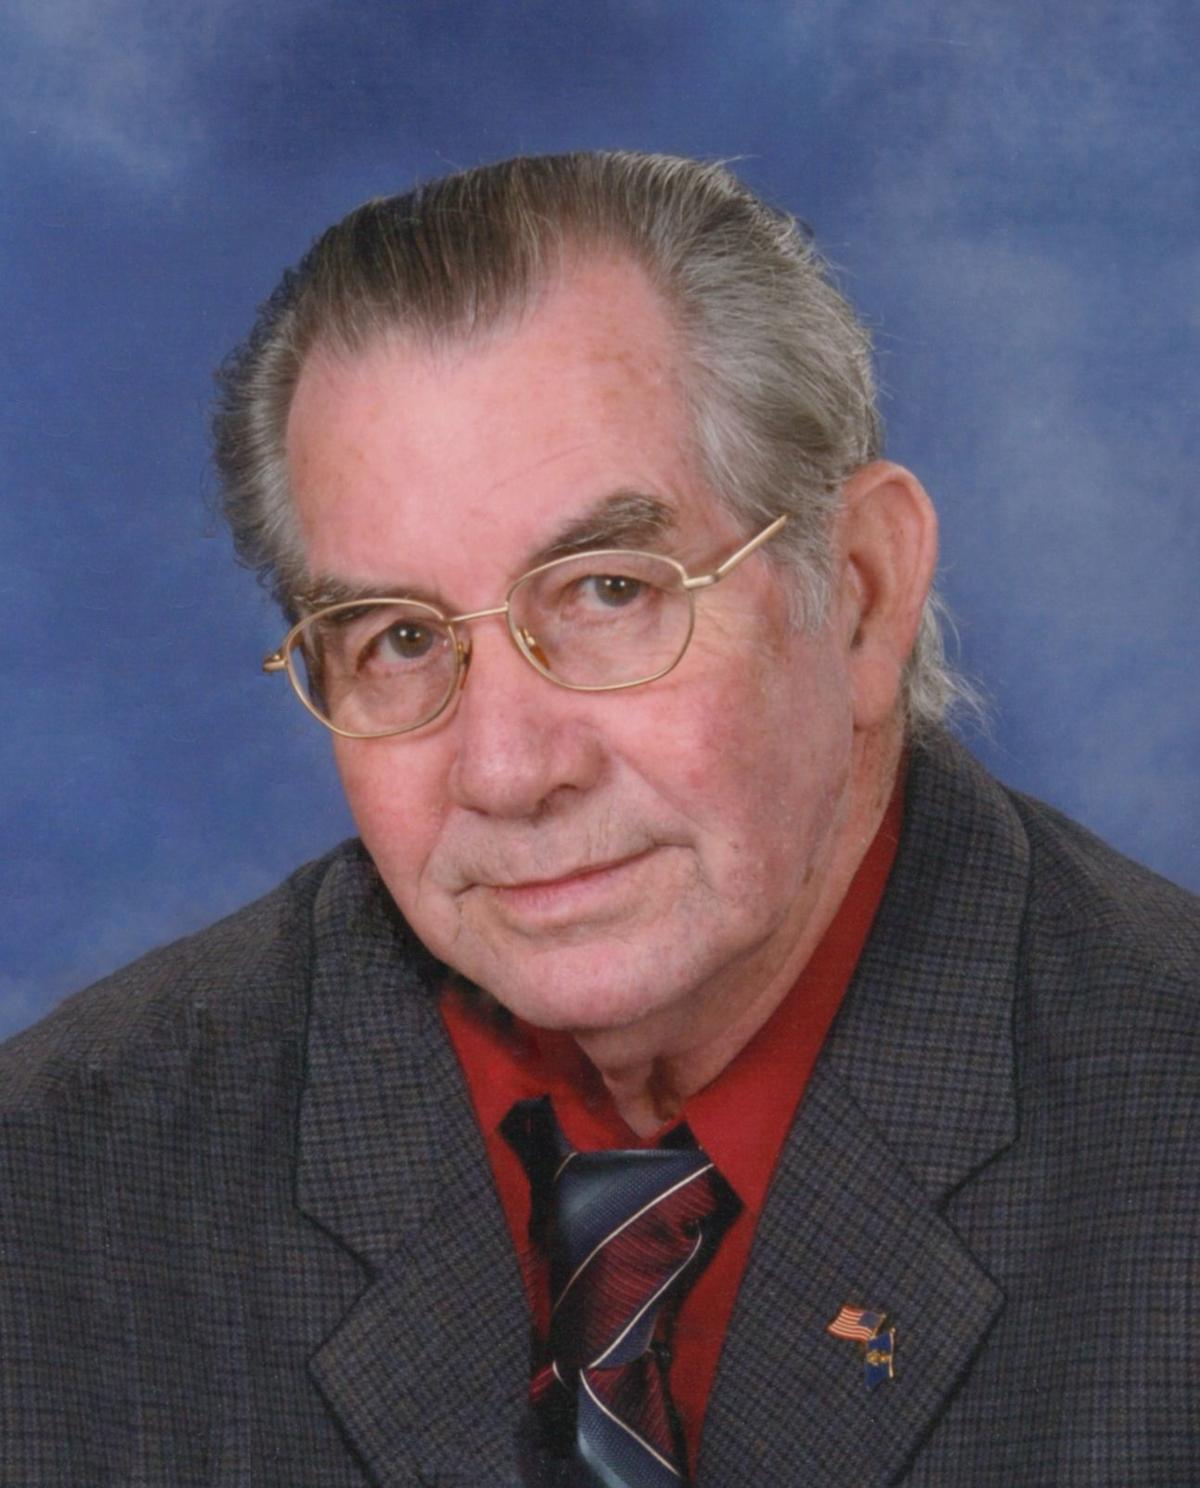 David A. Fleetwood